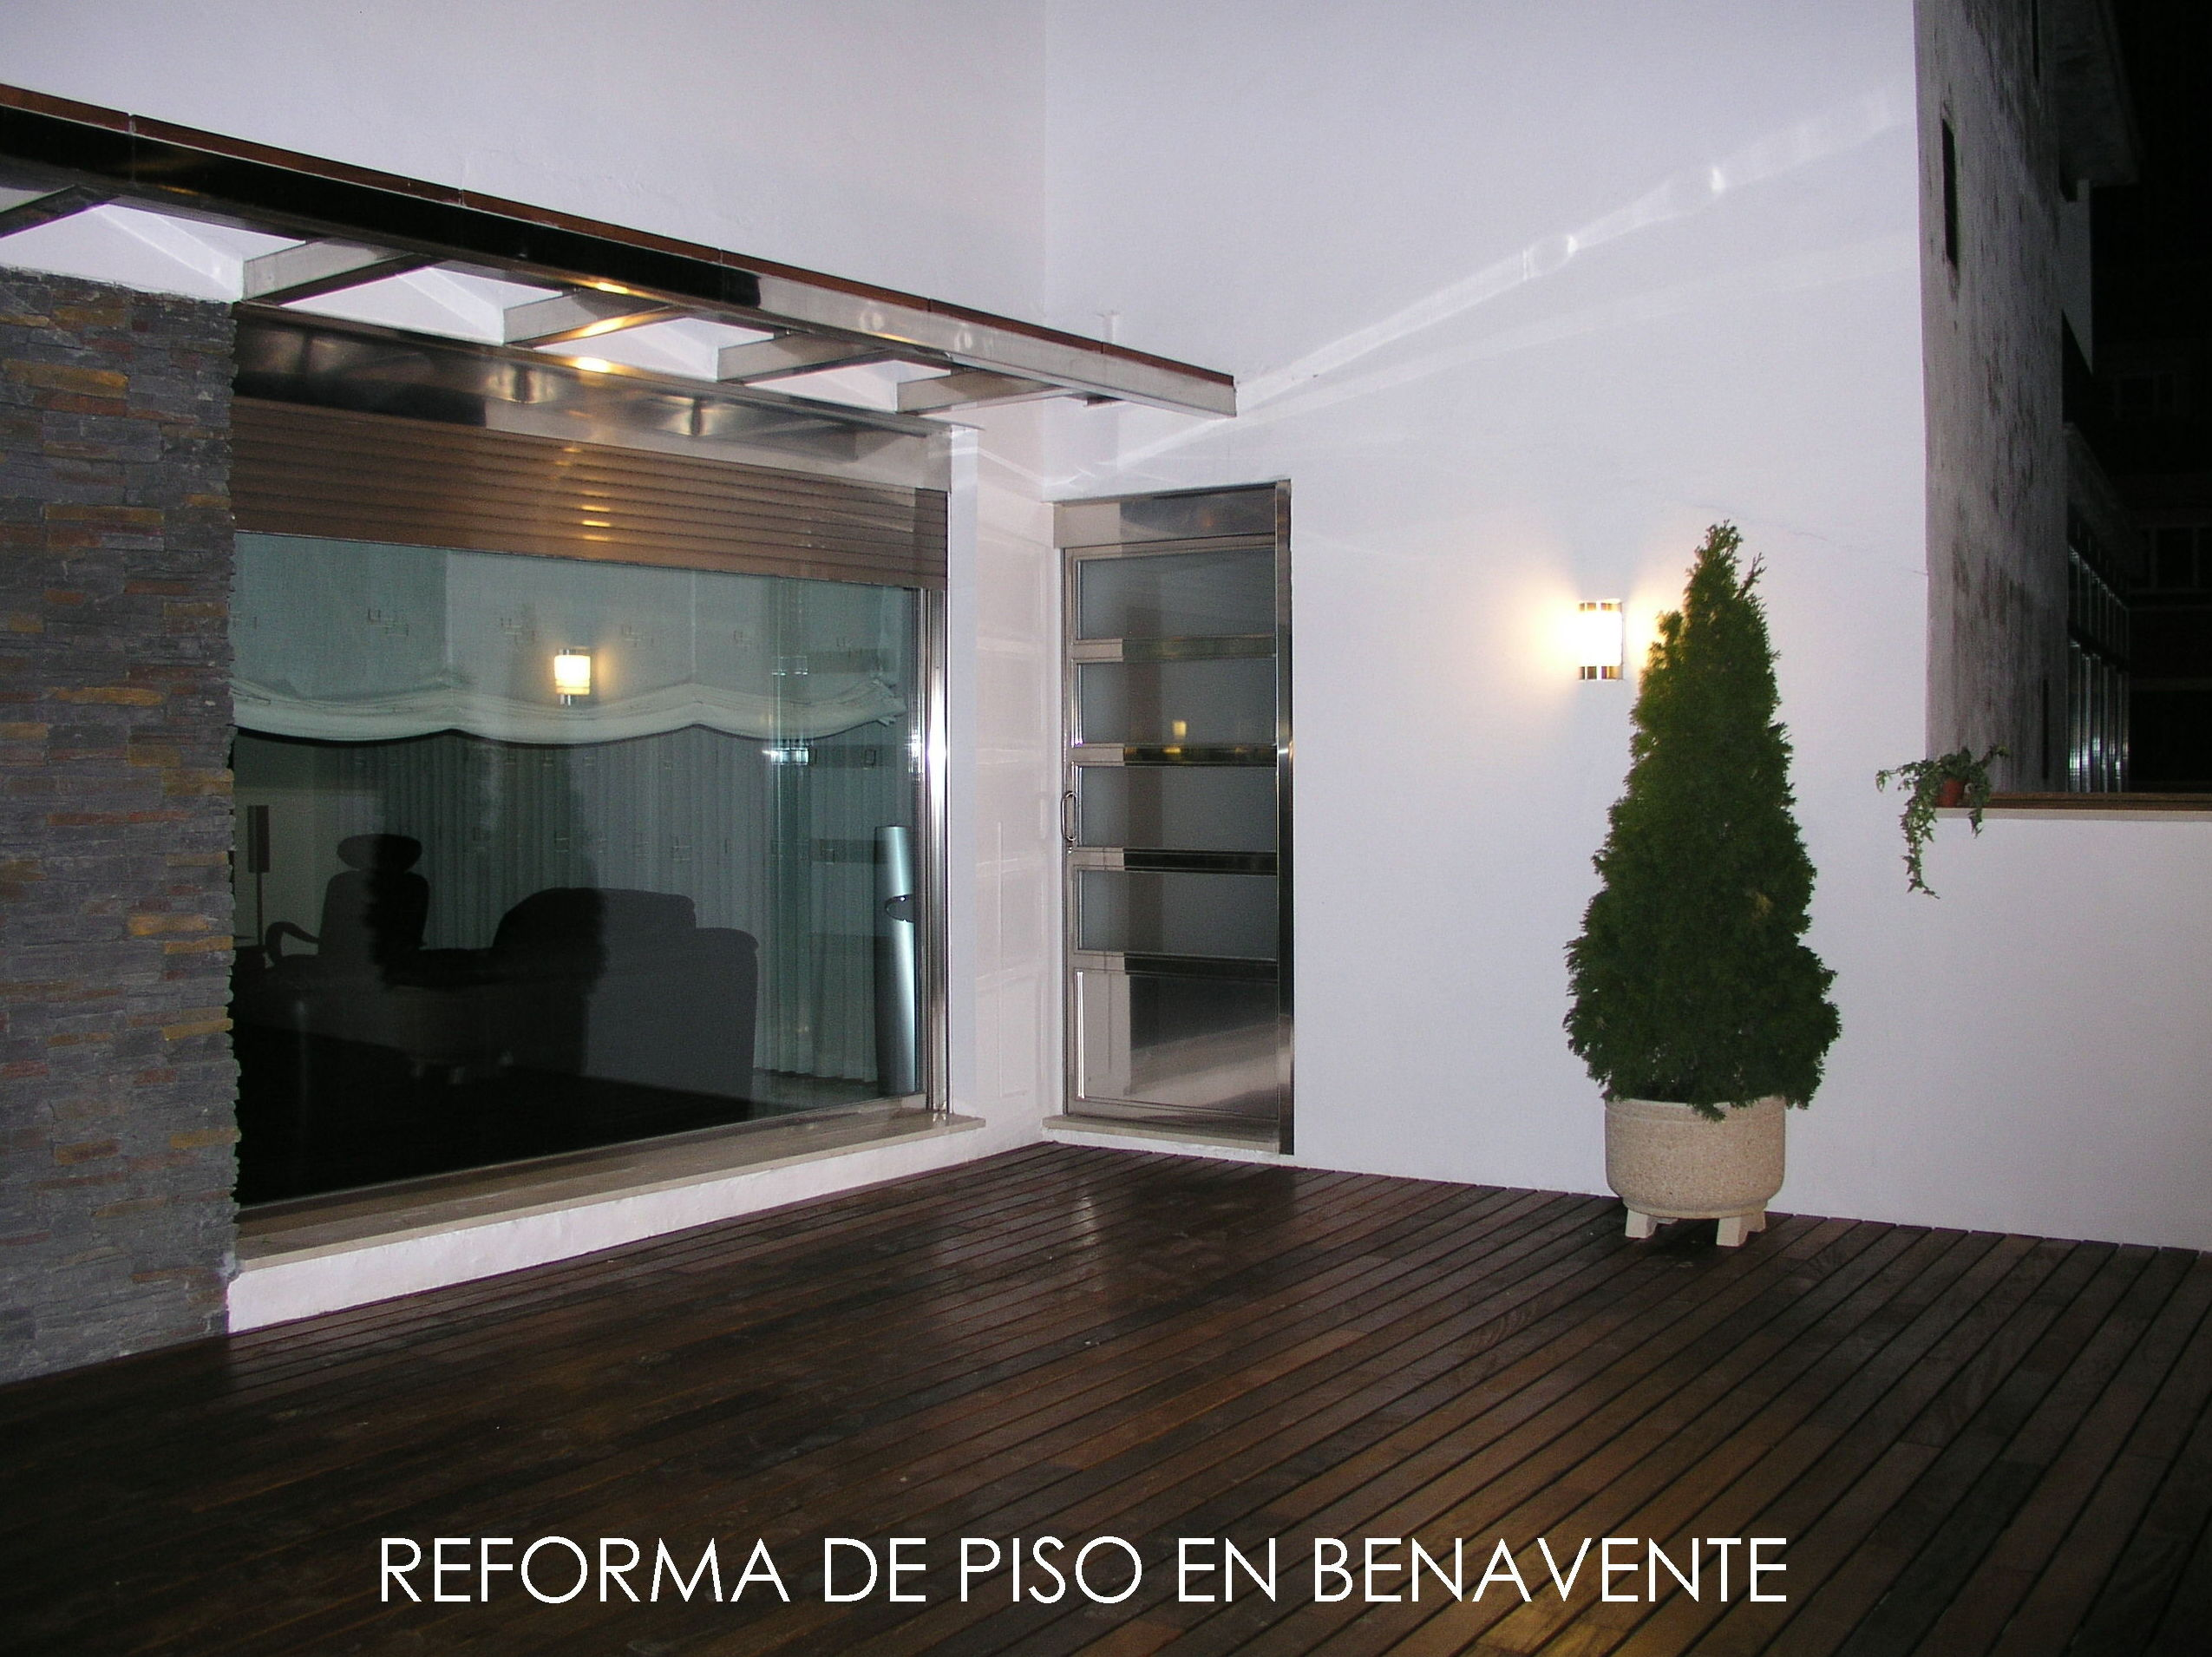 PROYECTO PARA LA REFORMA DE UN PISO EN BENAVENTE